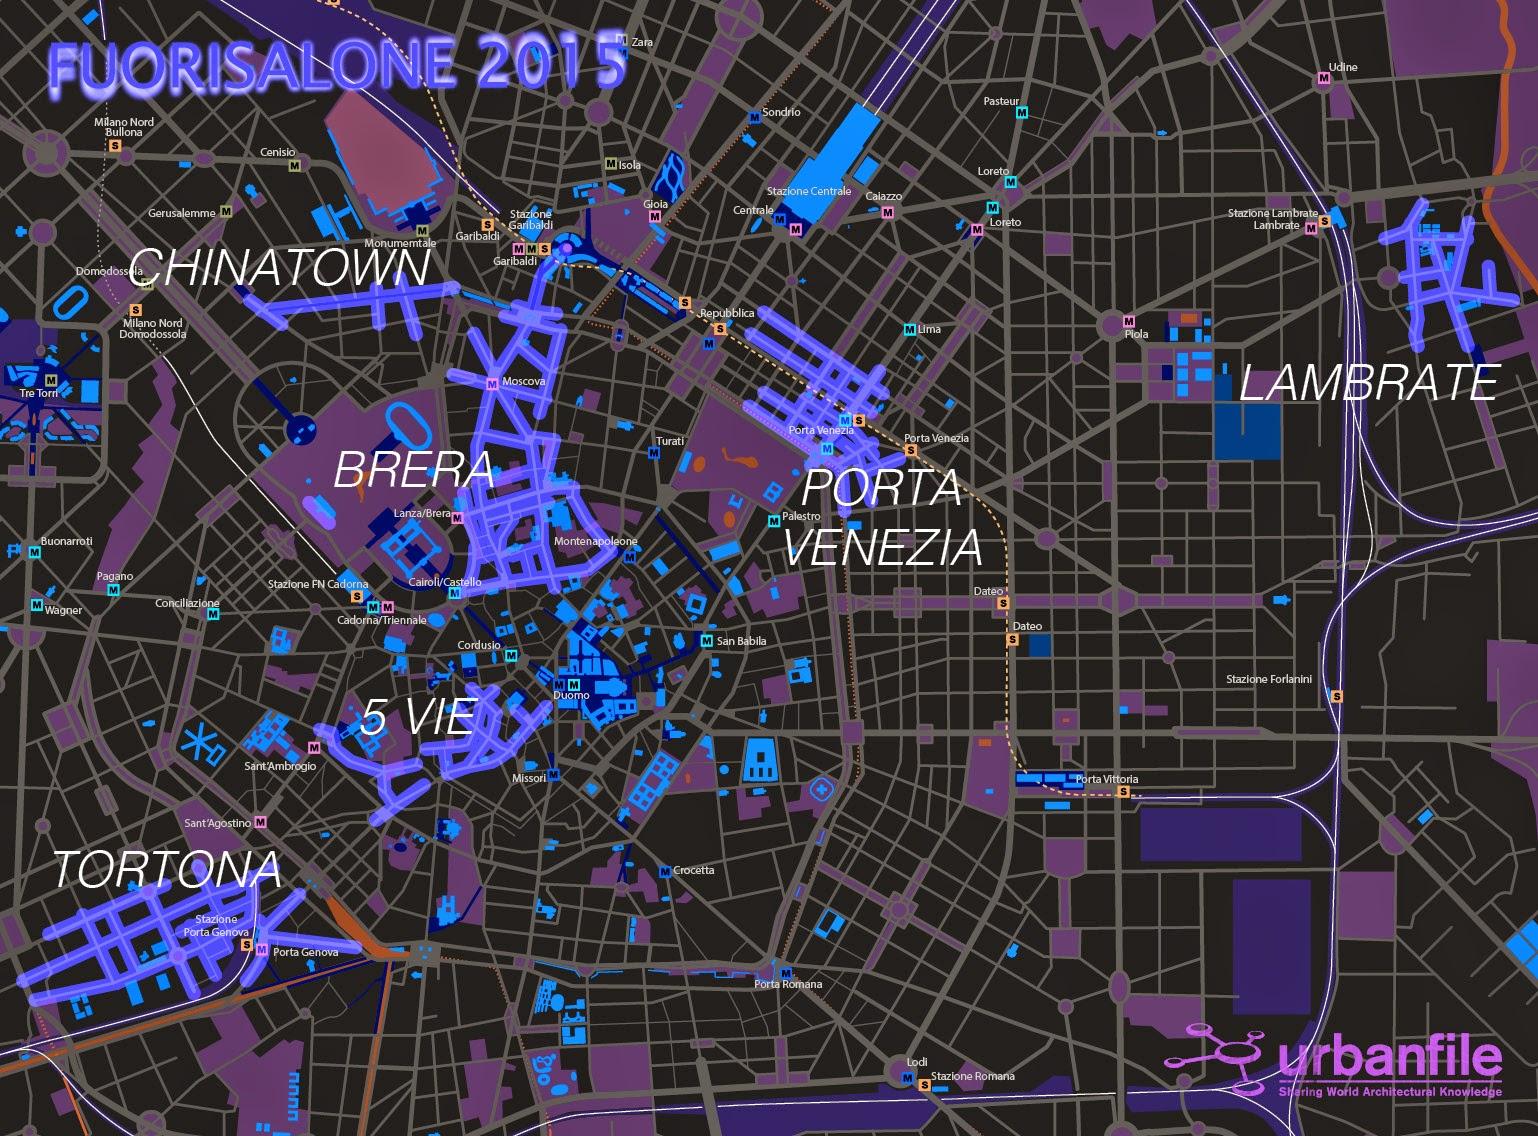 Urbanfile milano eventi fuorisalone 2015 for Fuorisalone lambrate